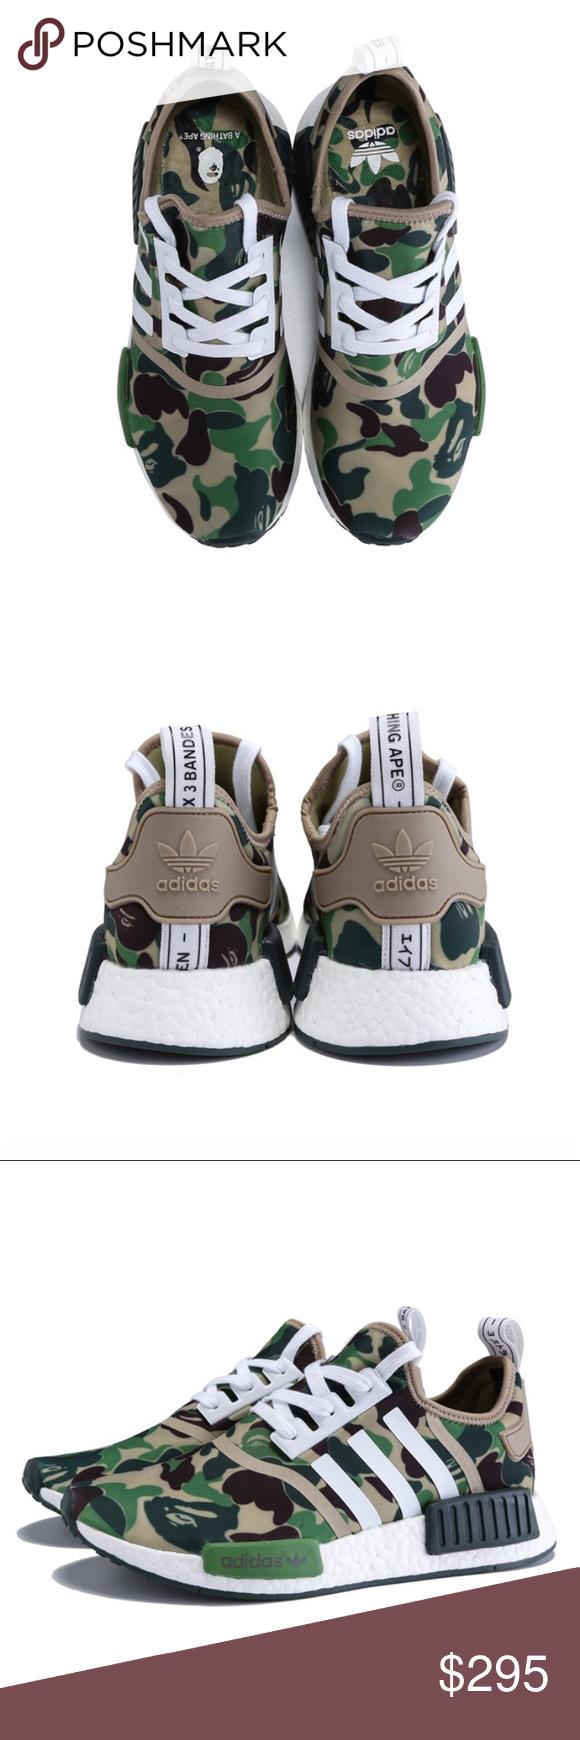 scarpe autentico bape x adidas originali nmd r1 mimetico uomini le adidas